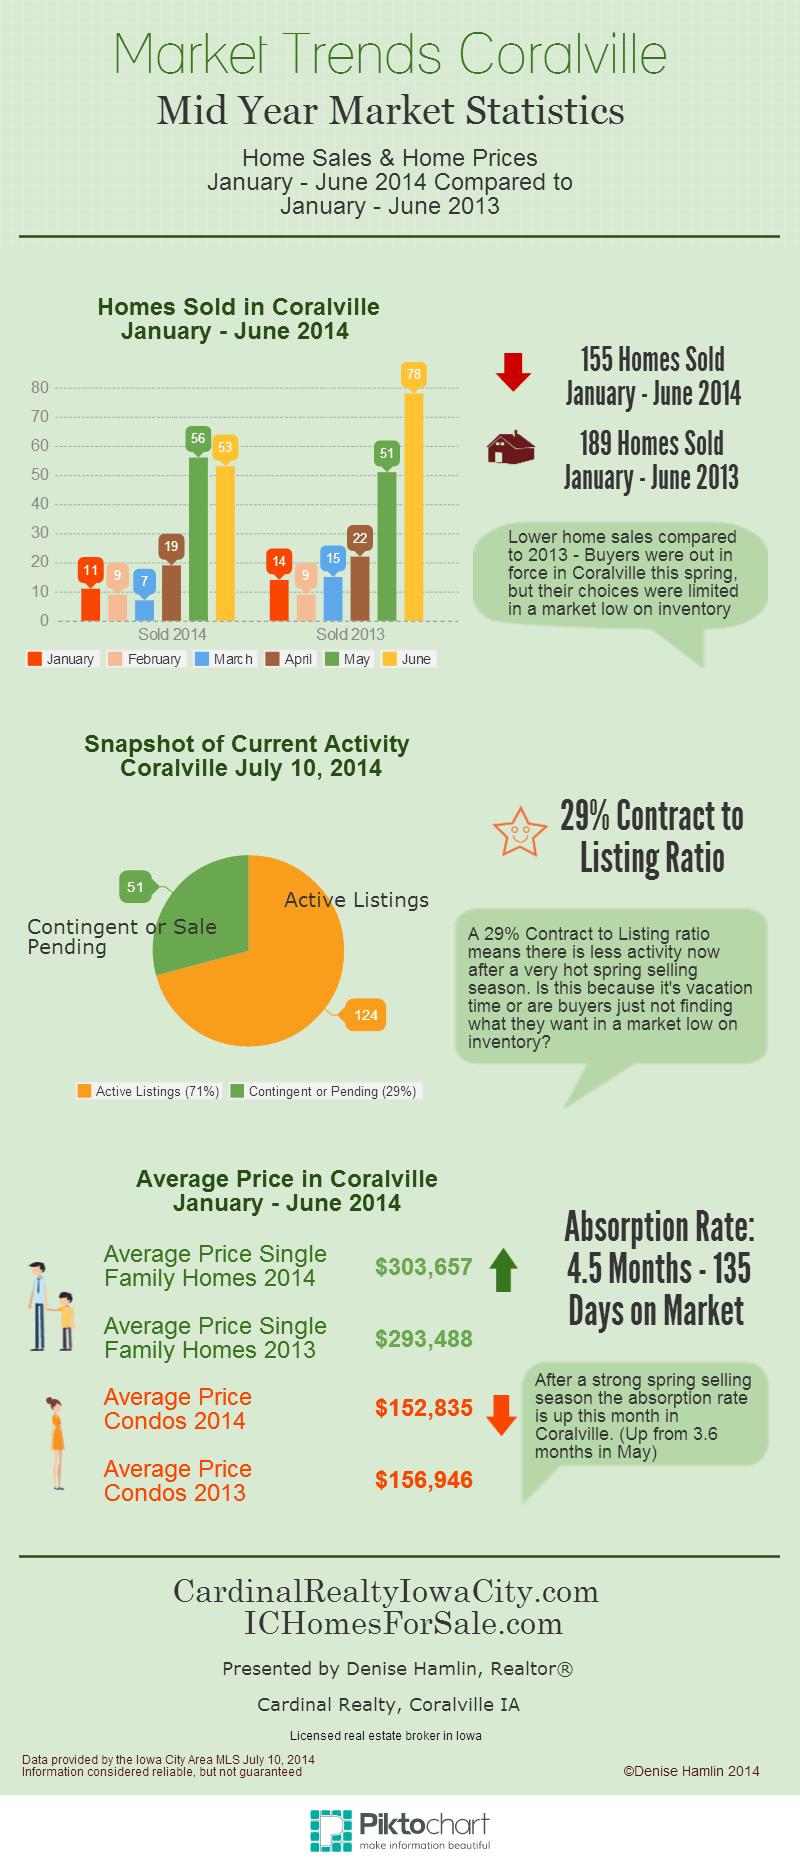 Mid Year Market Statistics Coralville IA